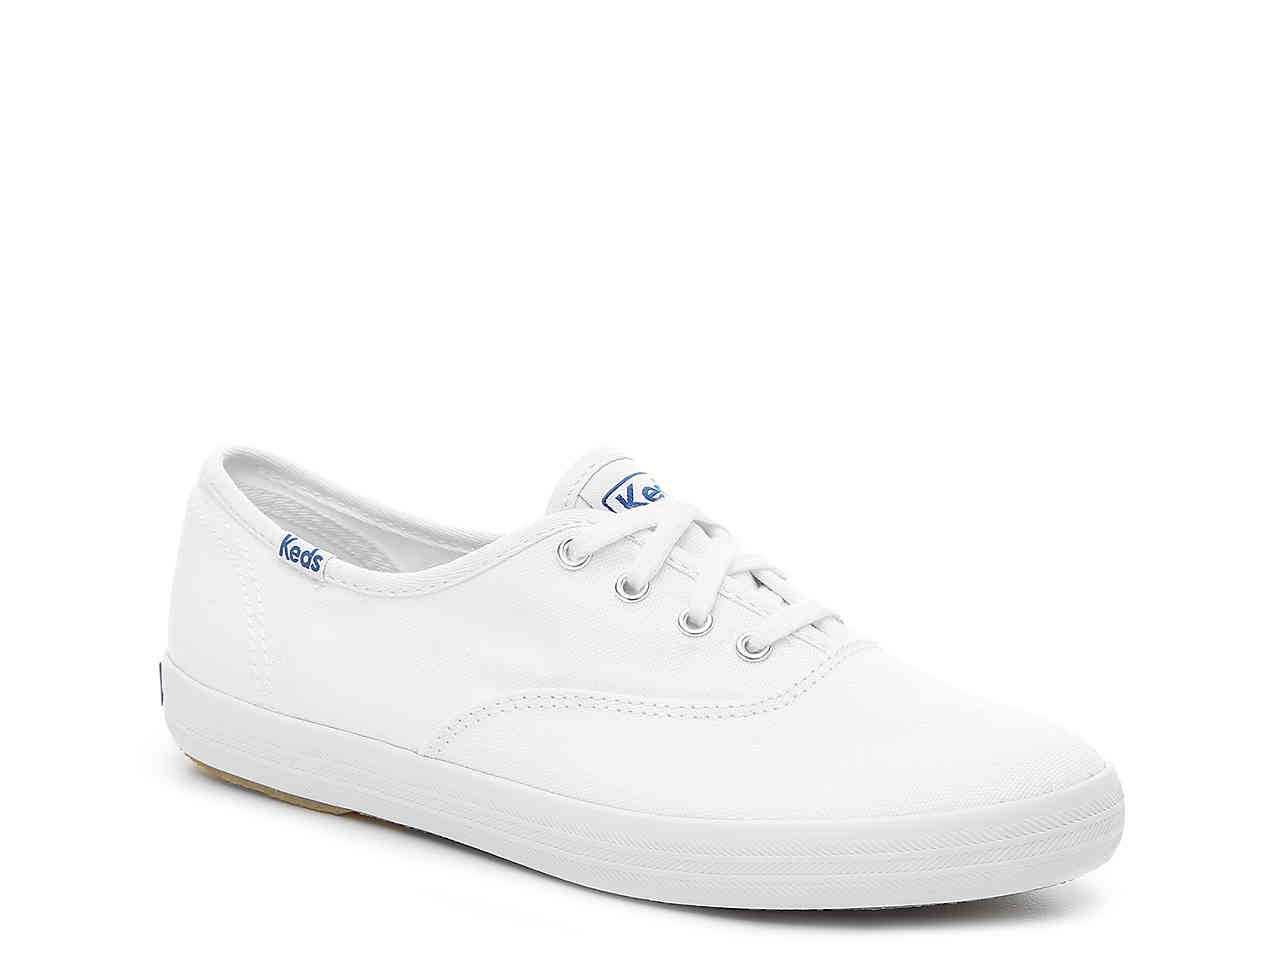 Keds Champion Sneaker - Women's Women's Shoes | DSW